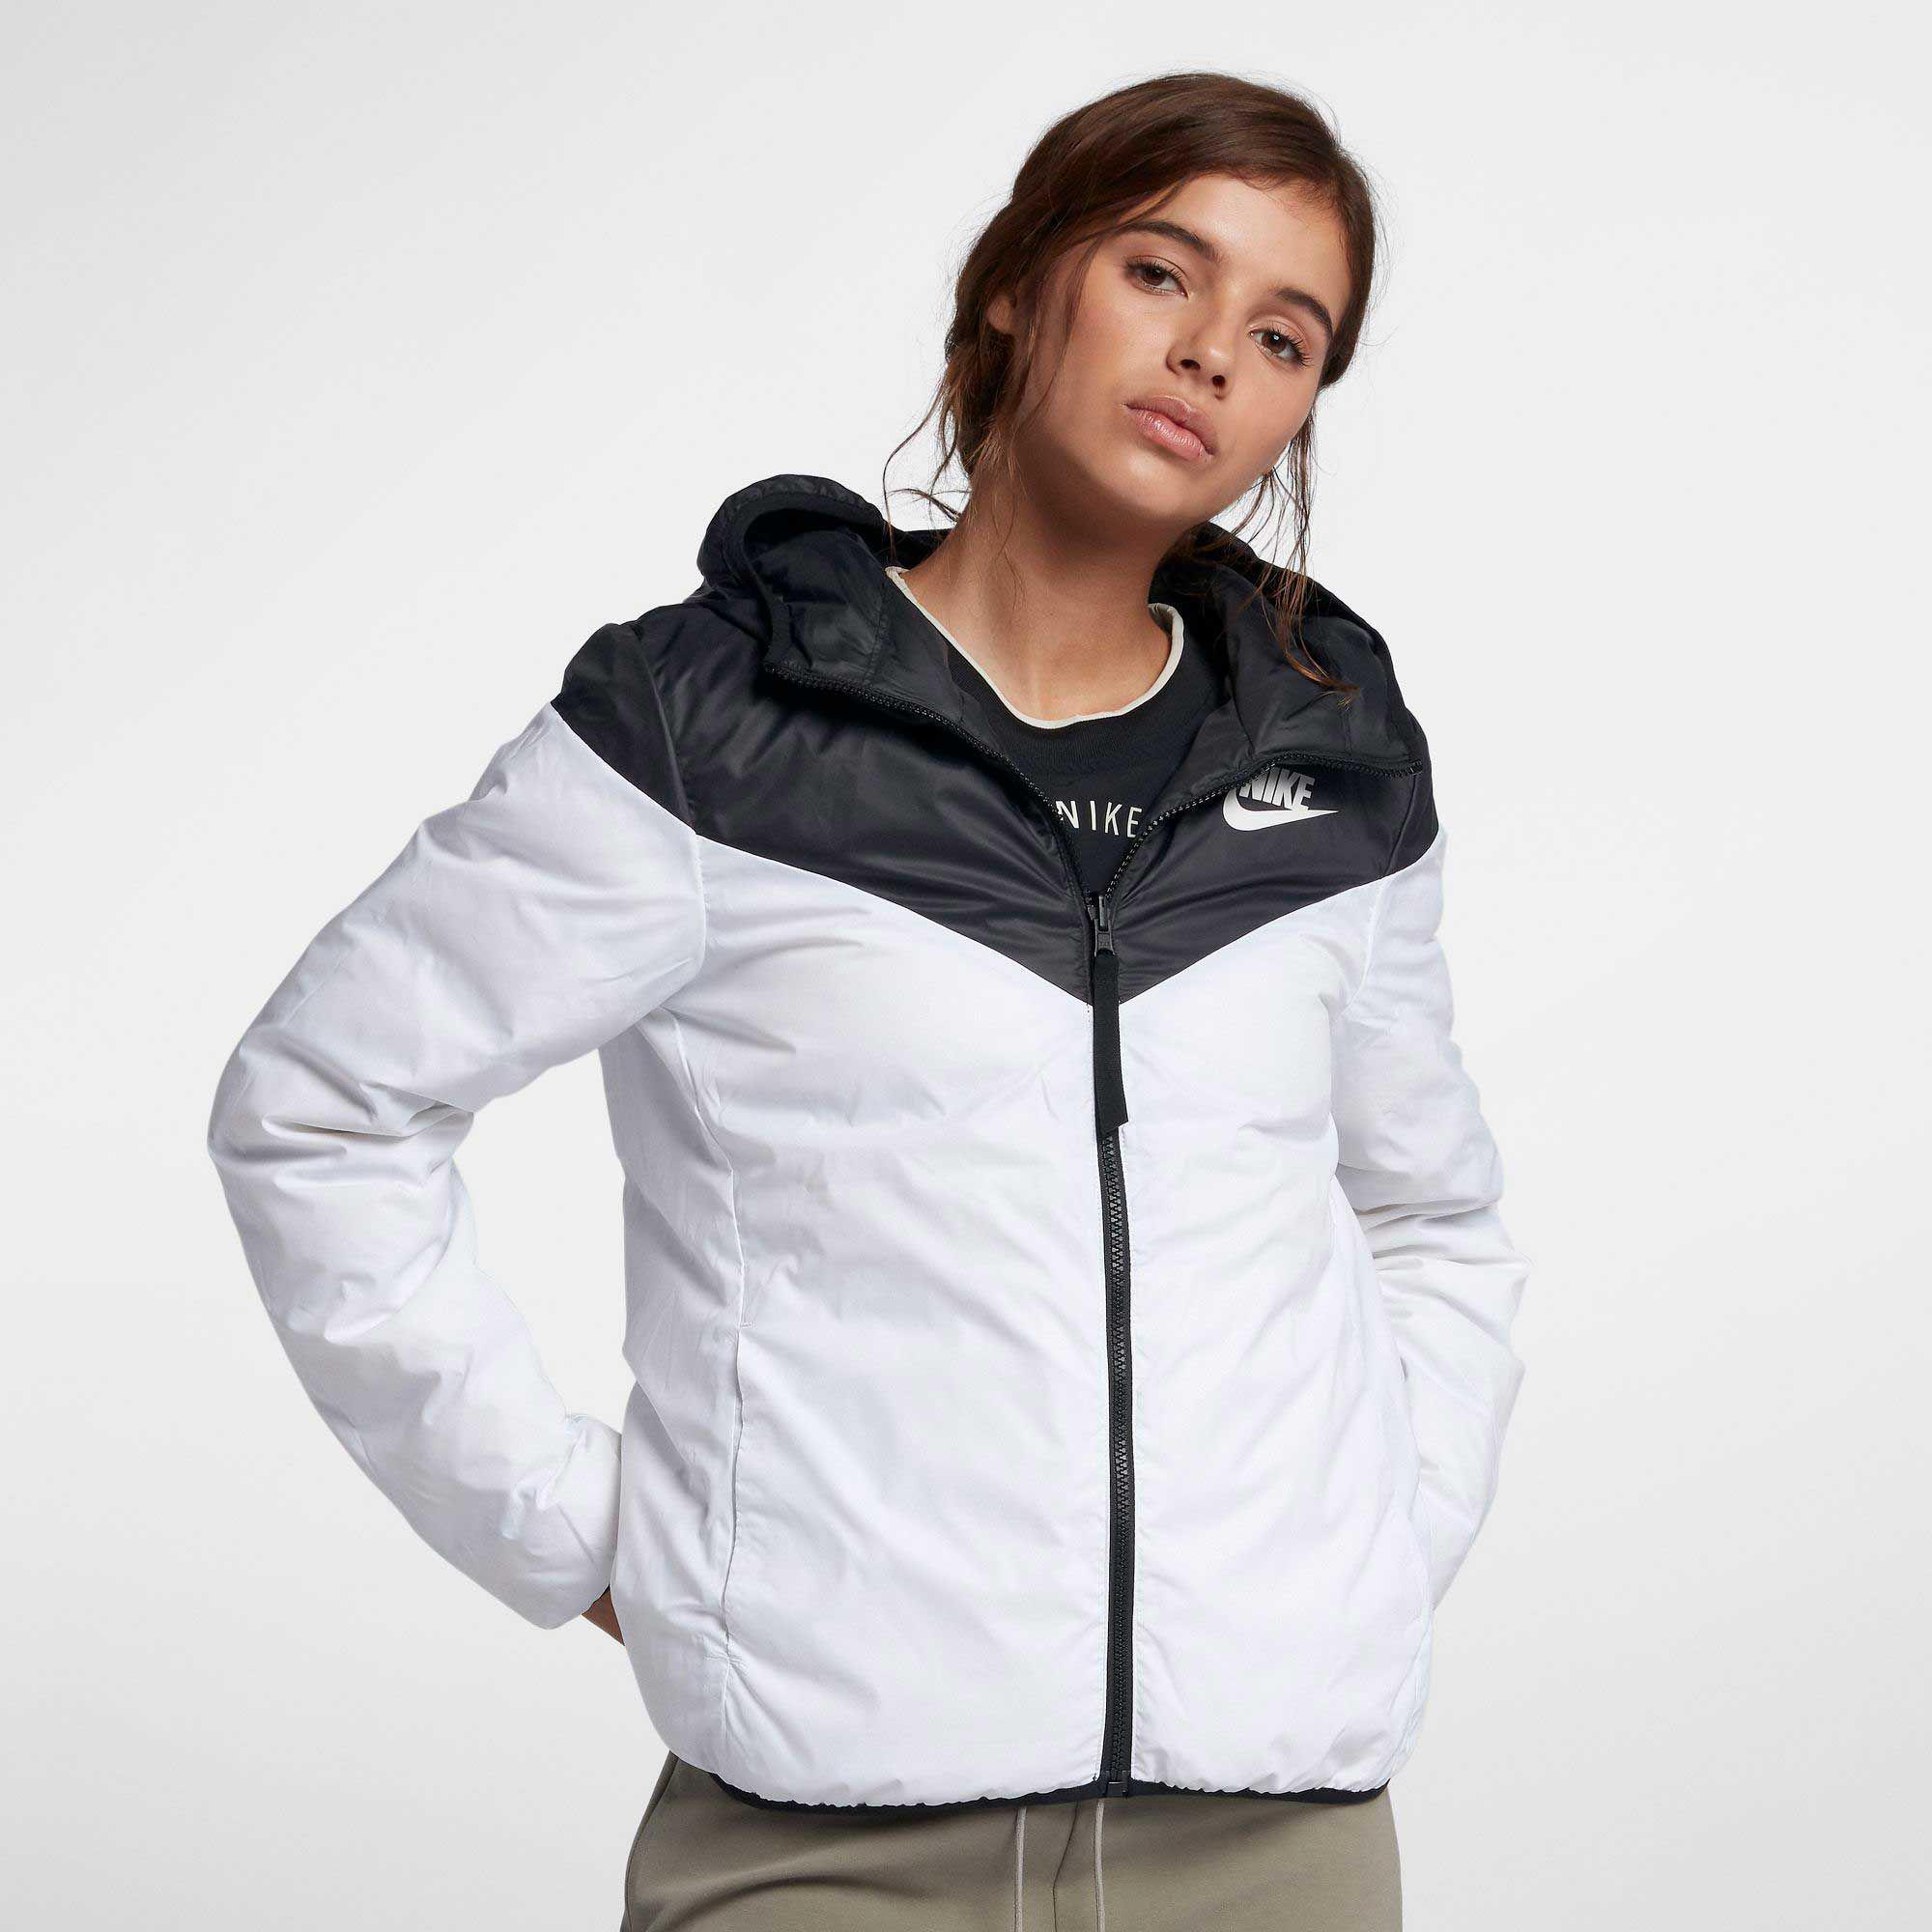 cadd5cff Nike Sportswear Windrunner Reversible Down Fill Jacket in Black - Lyst